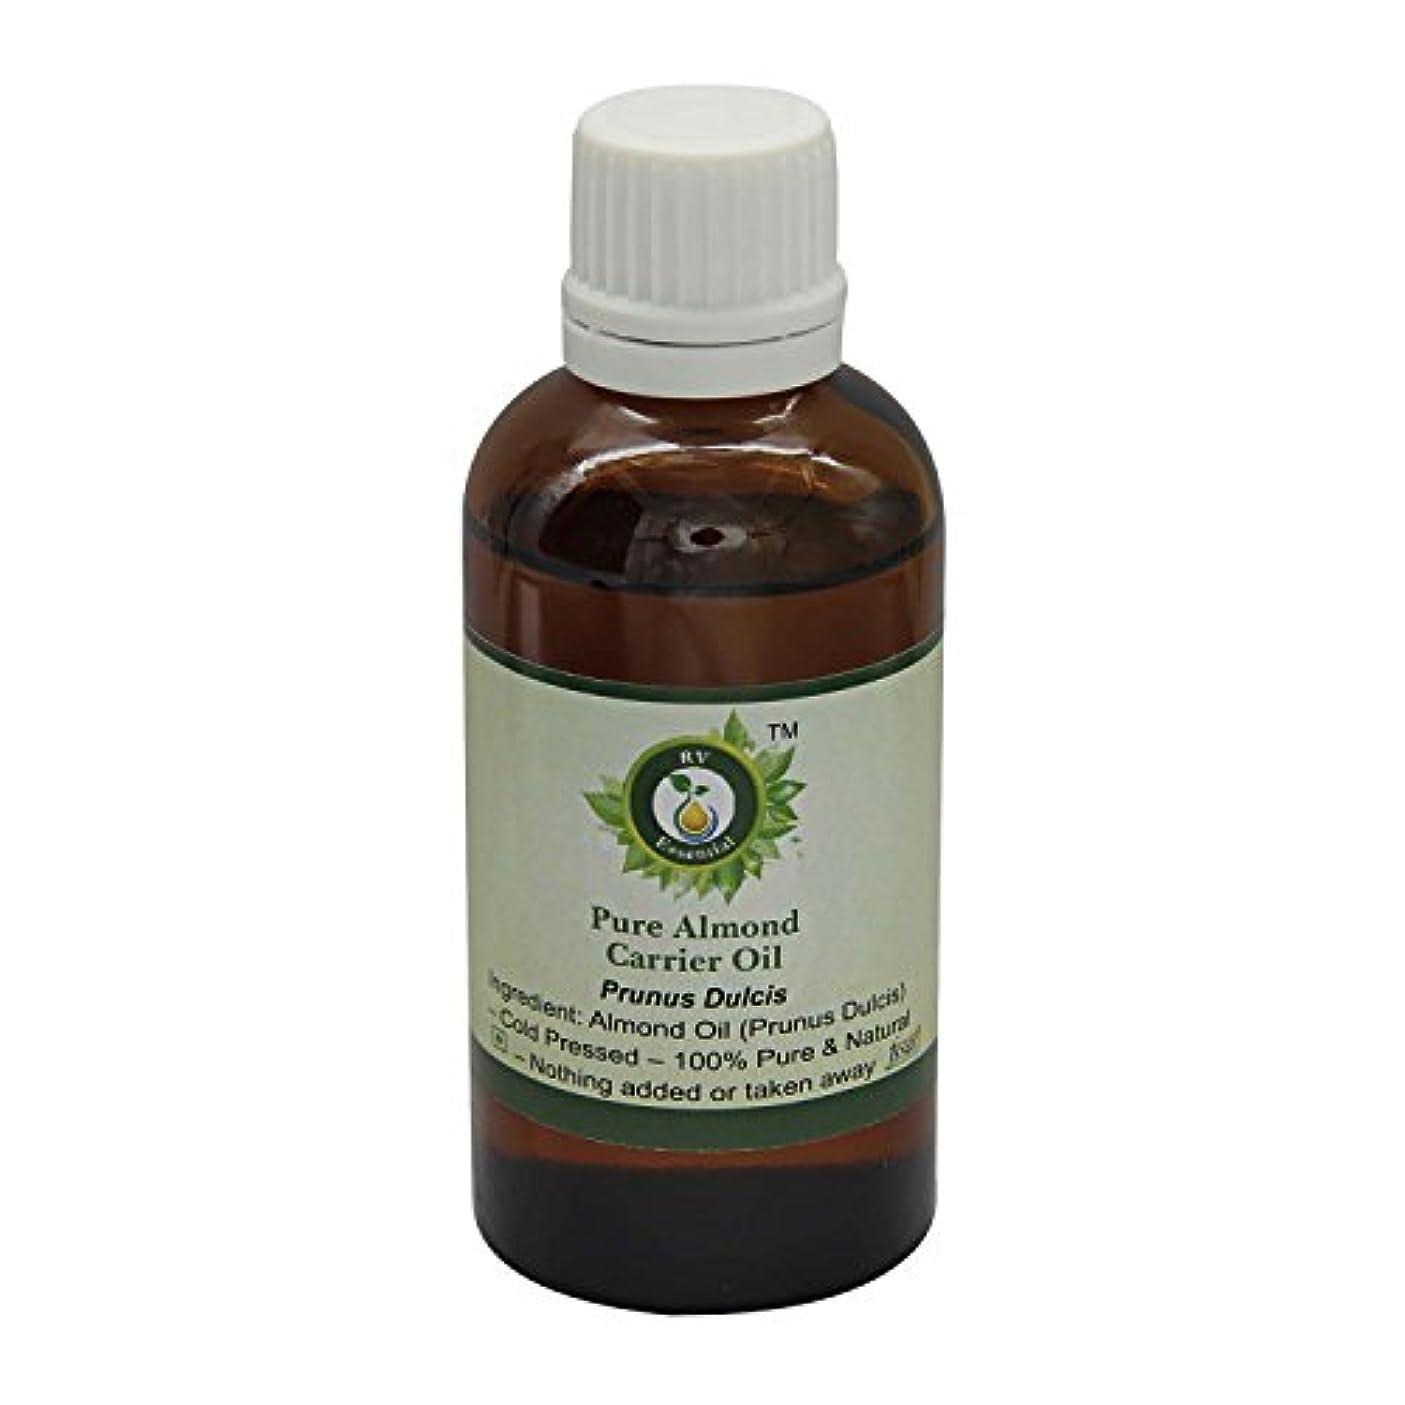 キャンドル福祉折り目R V Essential 純粋なアーモンドキャリアオイル50ml (1.69oz)- Prunus Dulcis (100%ピュア&ナチュラルコールドPressed) Pure Almond Carrier Oil